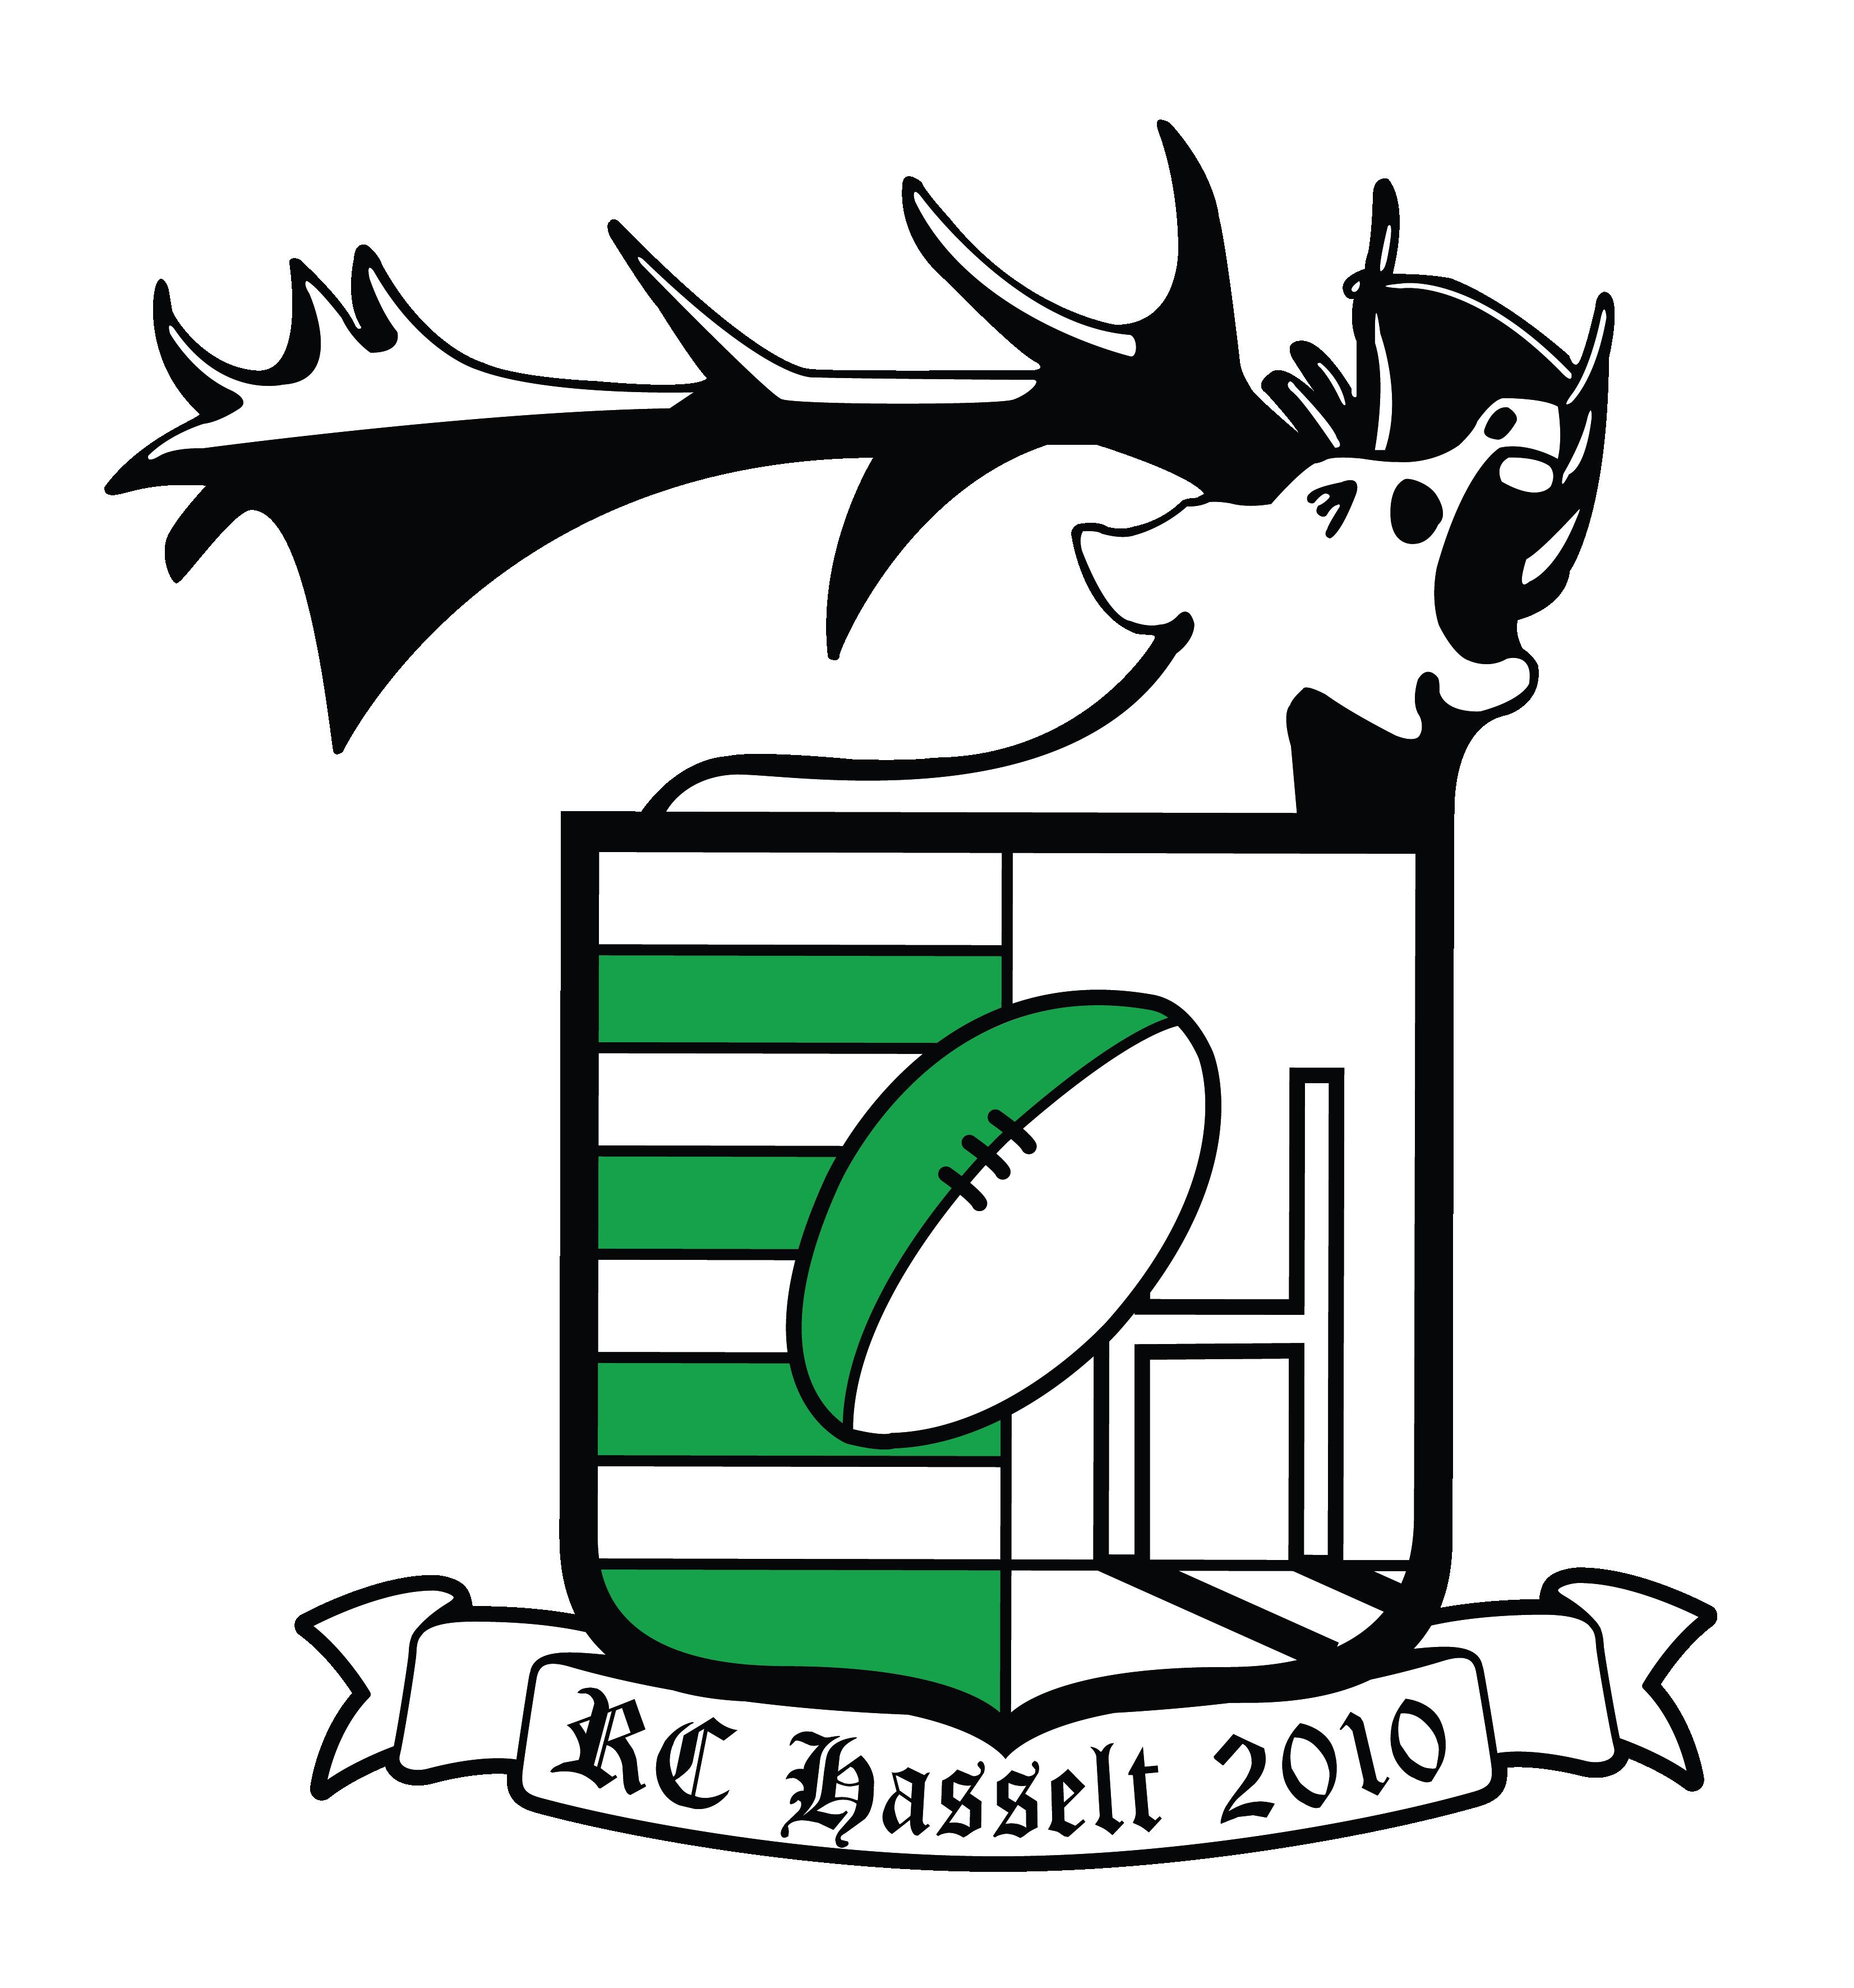 Rugbyclub Hasselt